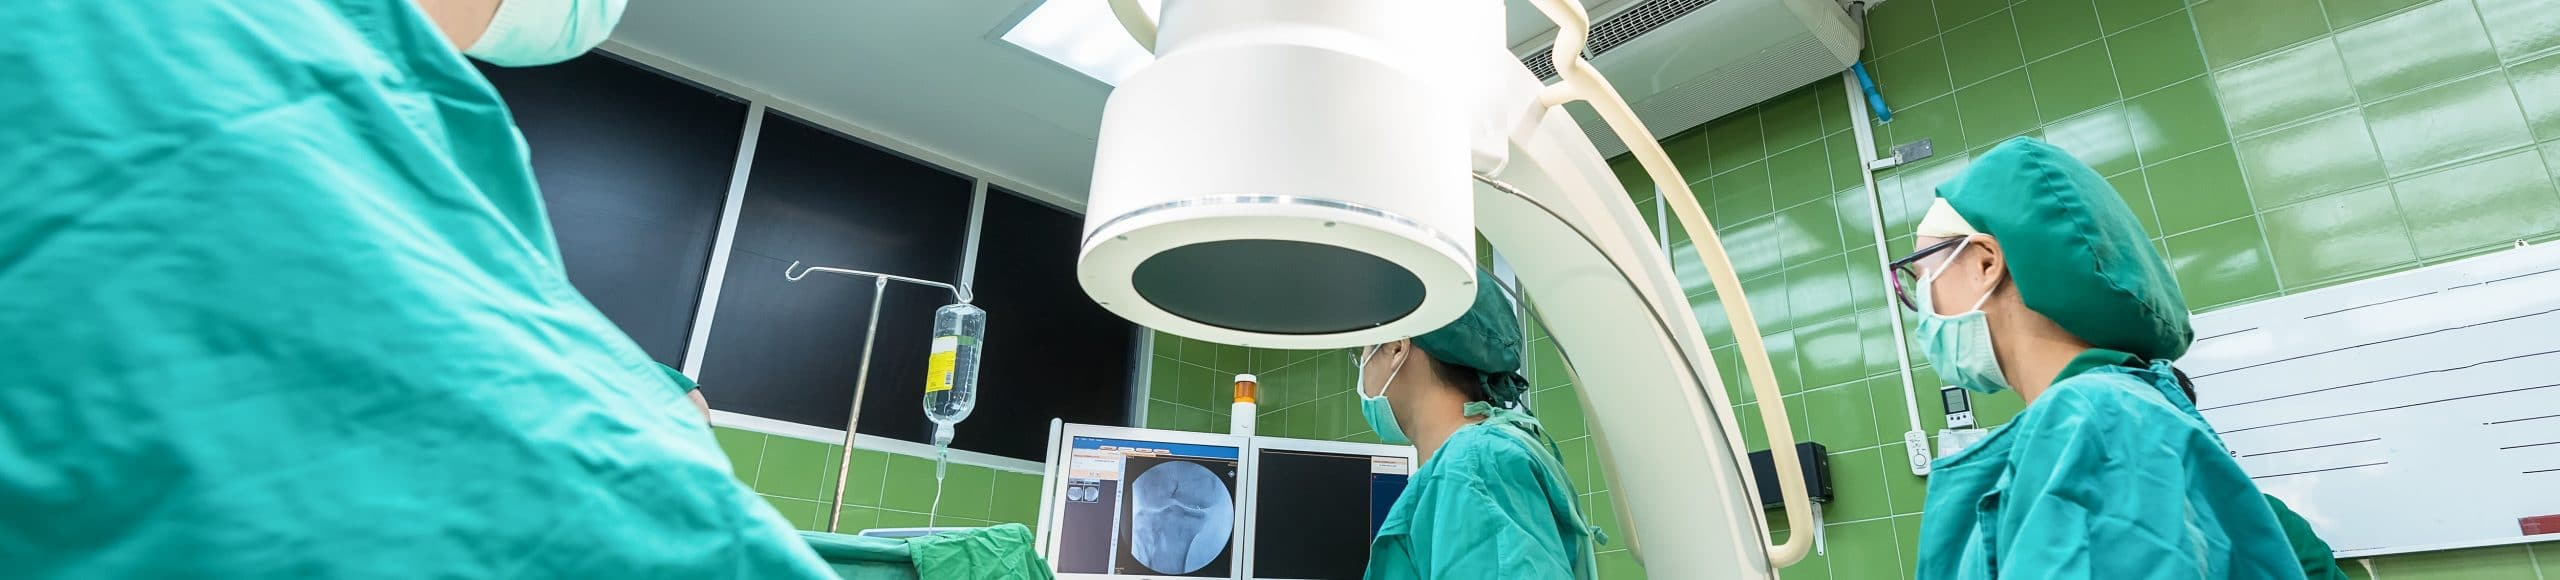 Operation Krankenhaus Gesundheit